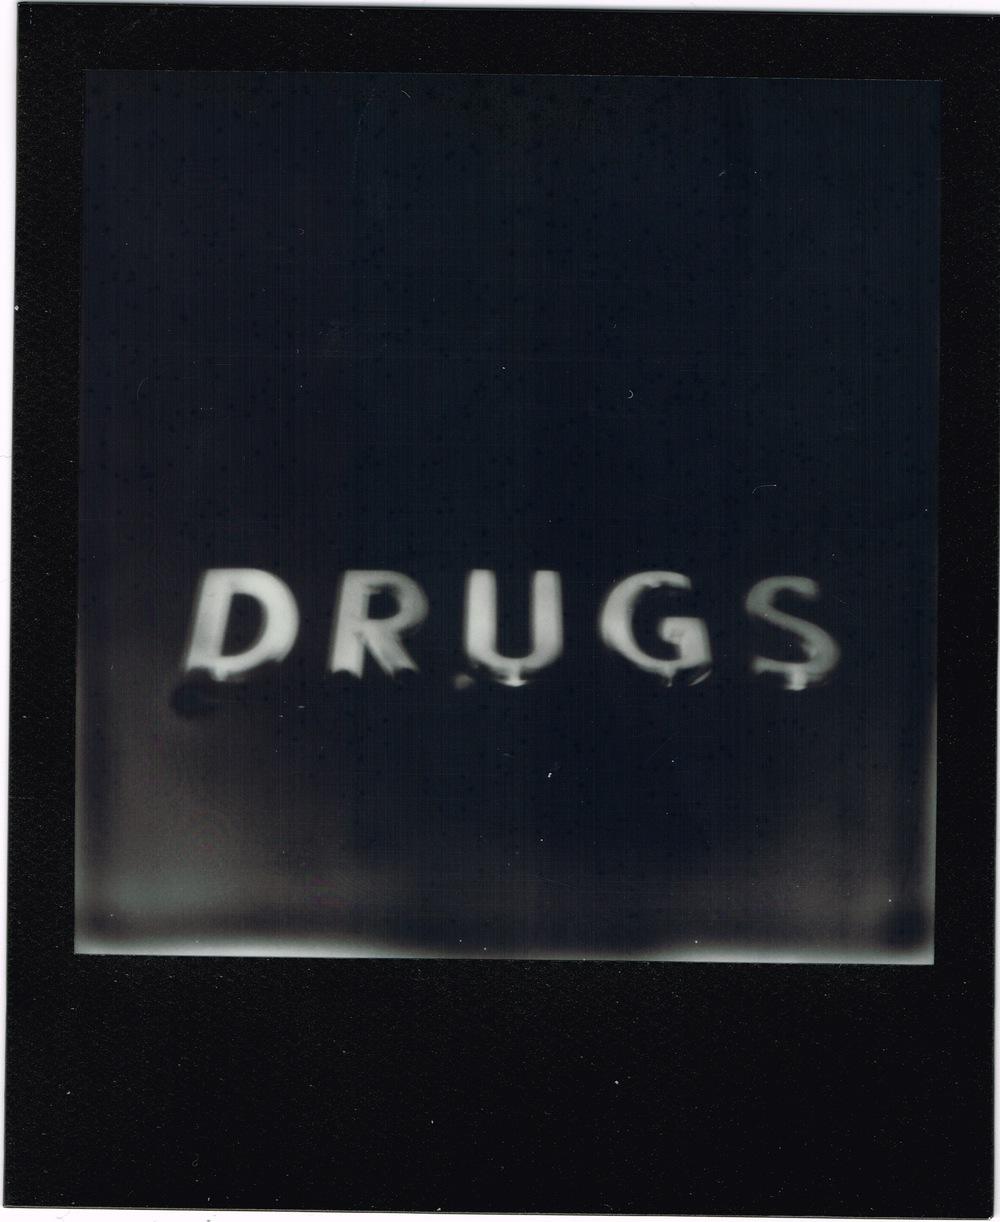 darkdrugs2.jpeg